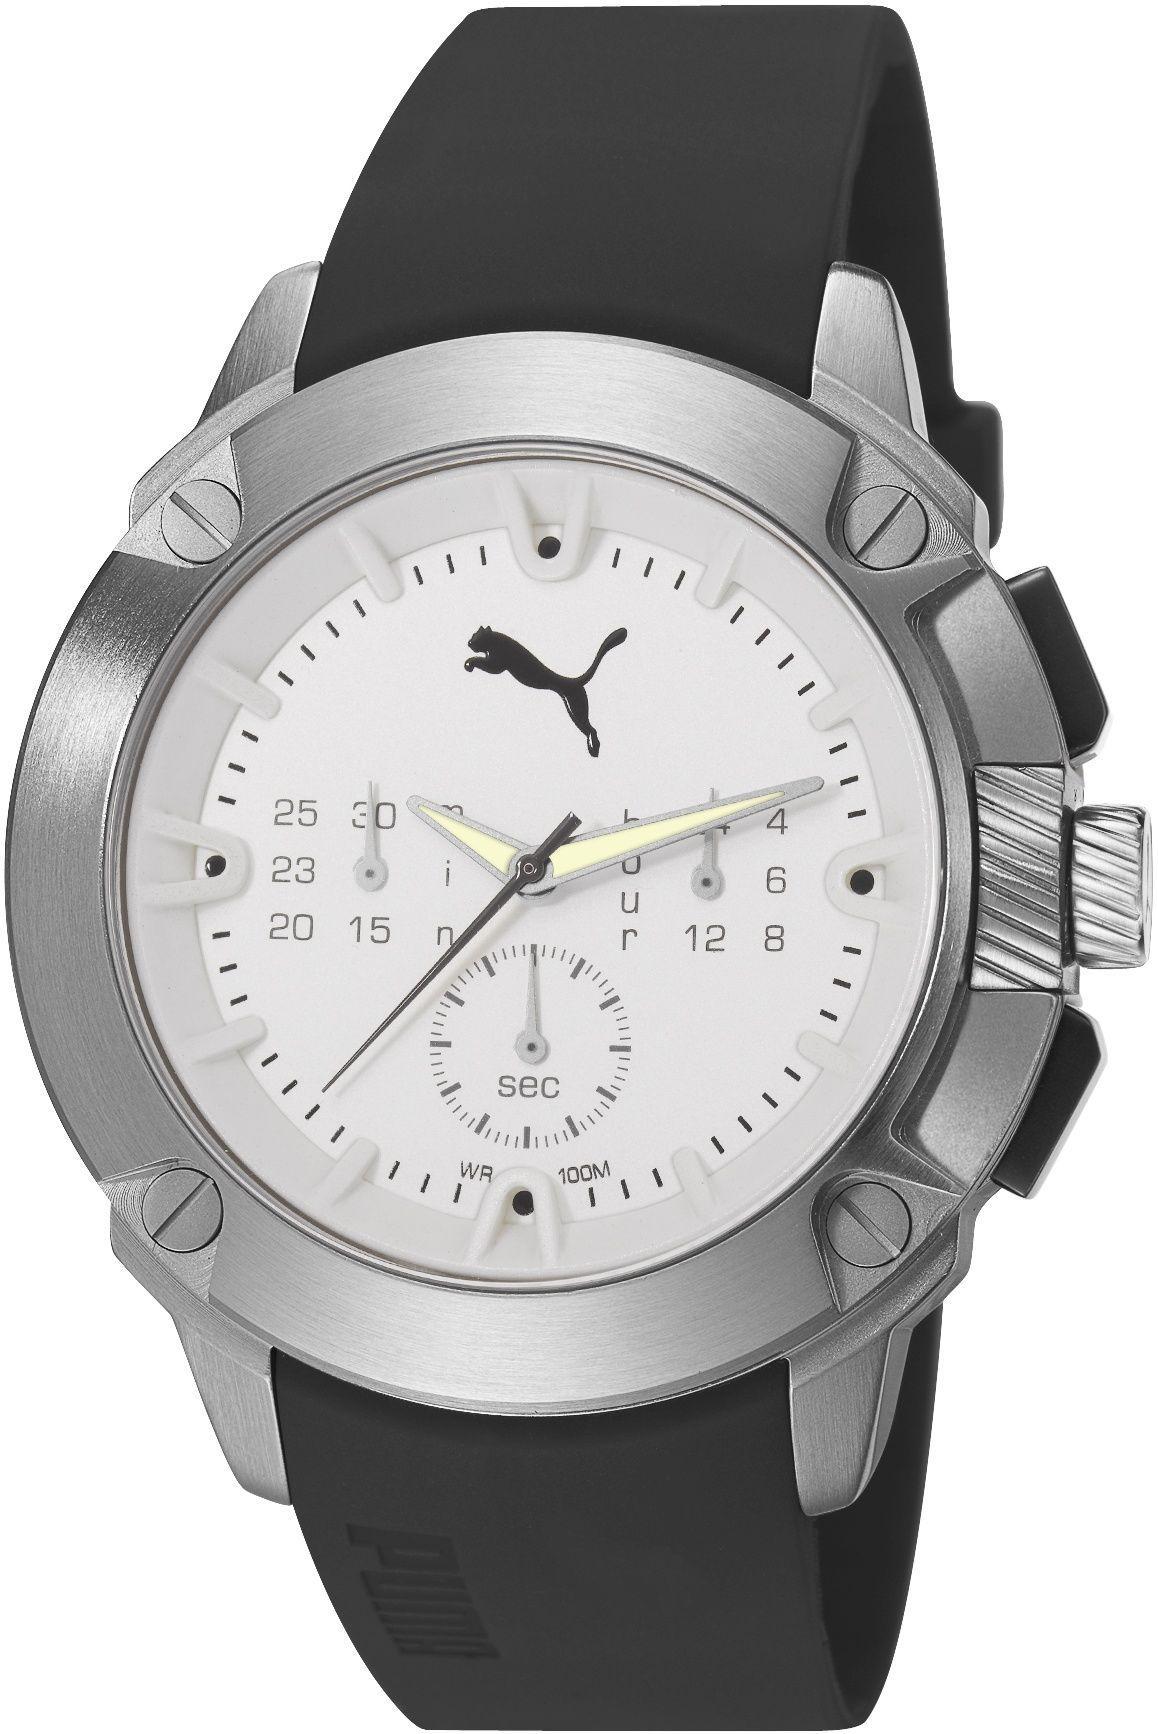 cfeb832084cf7 Puma Hybrid Chrono Silver PU103711002. Pánske hodinky - pryžový remienok,  ocel puzdro, minerálne sklíčko. Všetky technické parametre nájdete nižšie